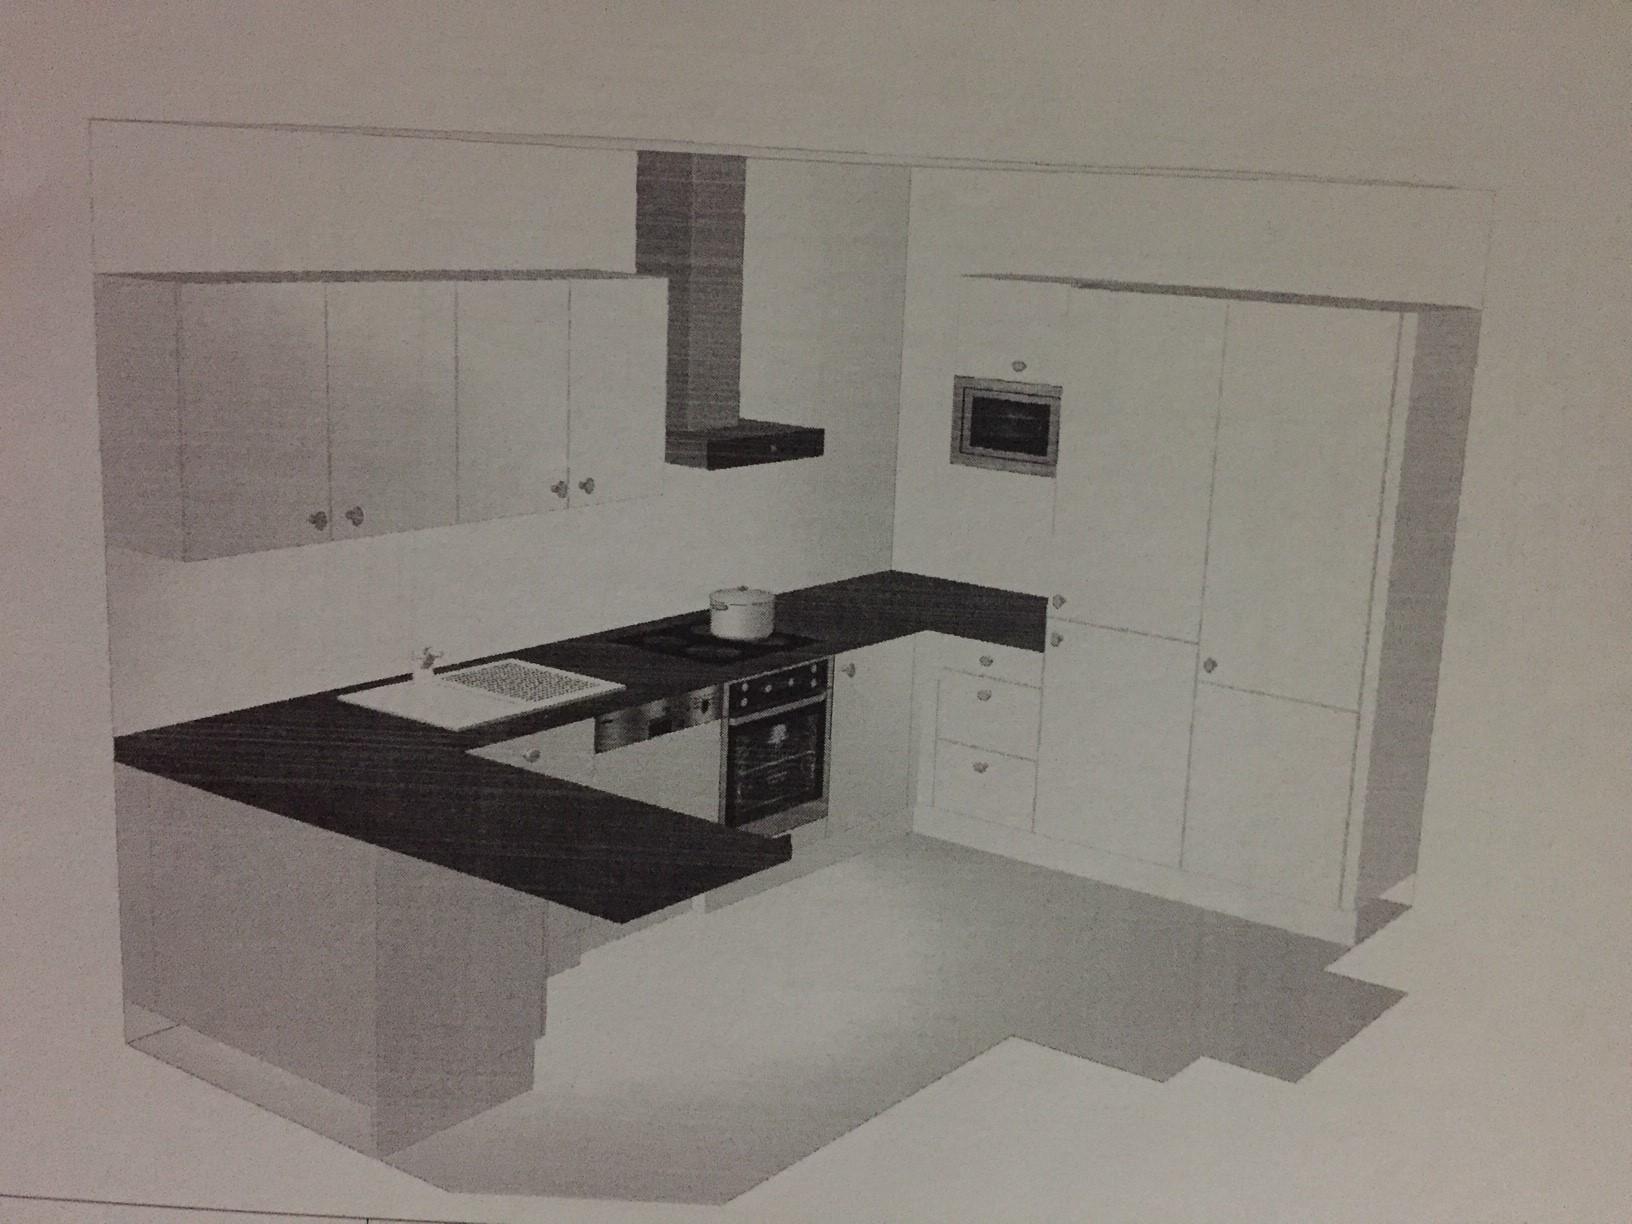 es geht vorw rts bauen im nuthewinkel potsdam. Black Bedroom Furniture Sets. Home Design Ideas